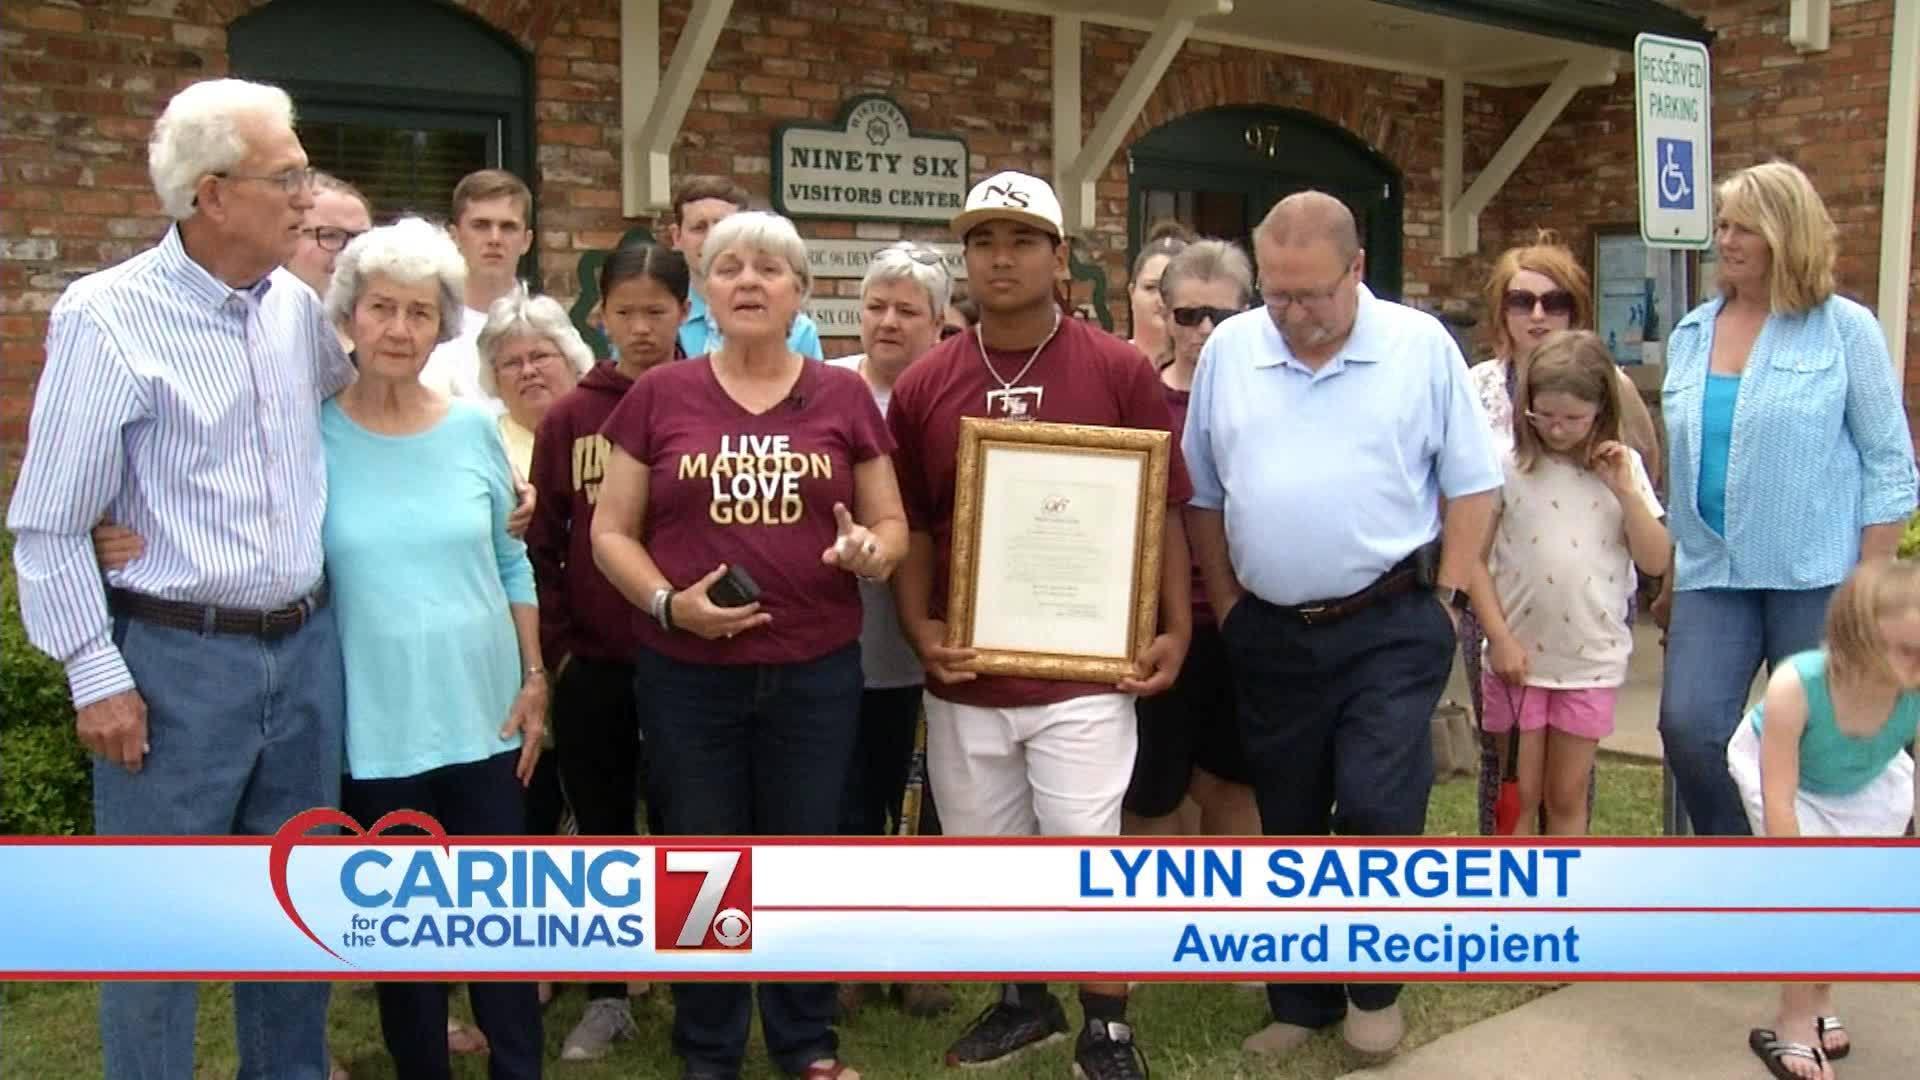 May 2019 Caring for the Carolinas Award Winner